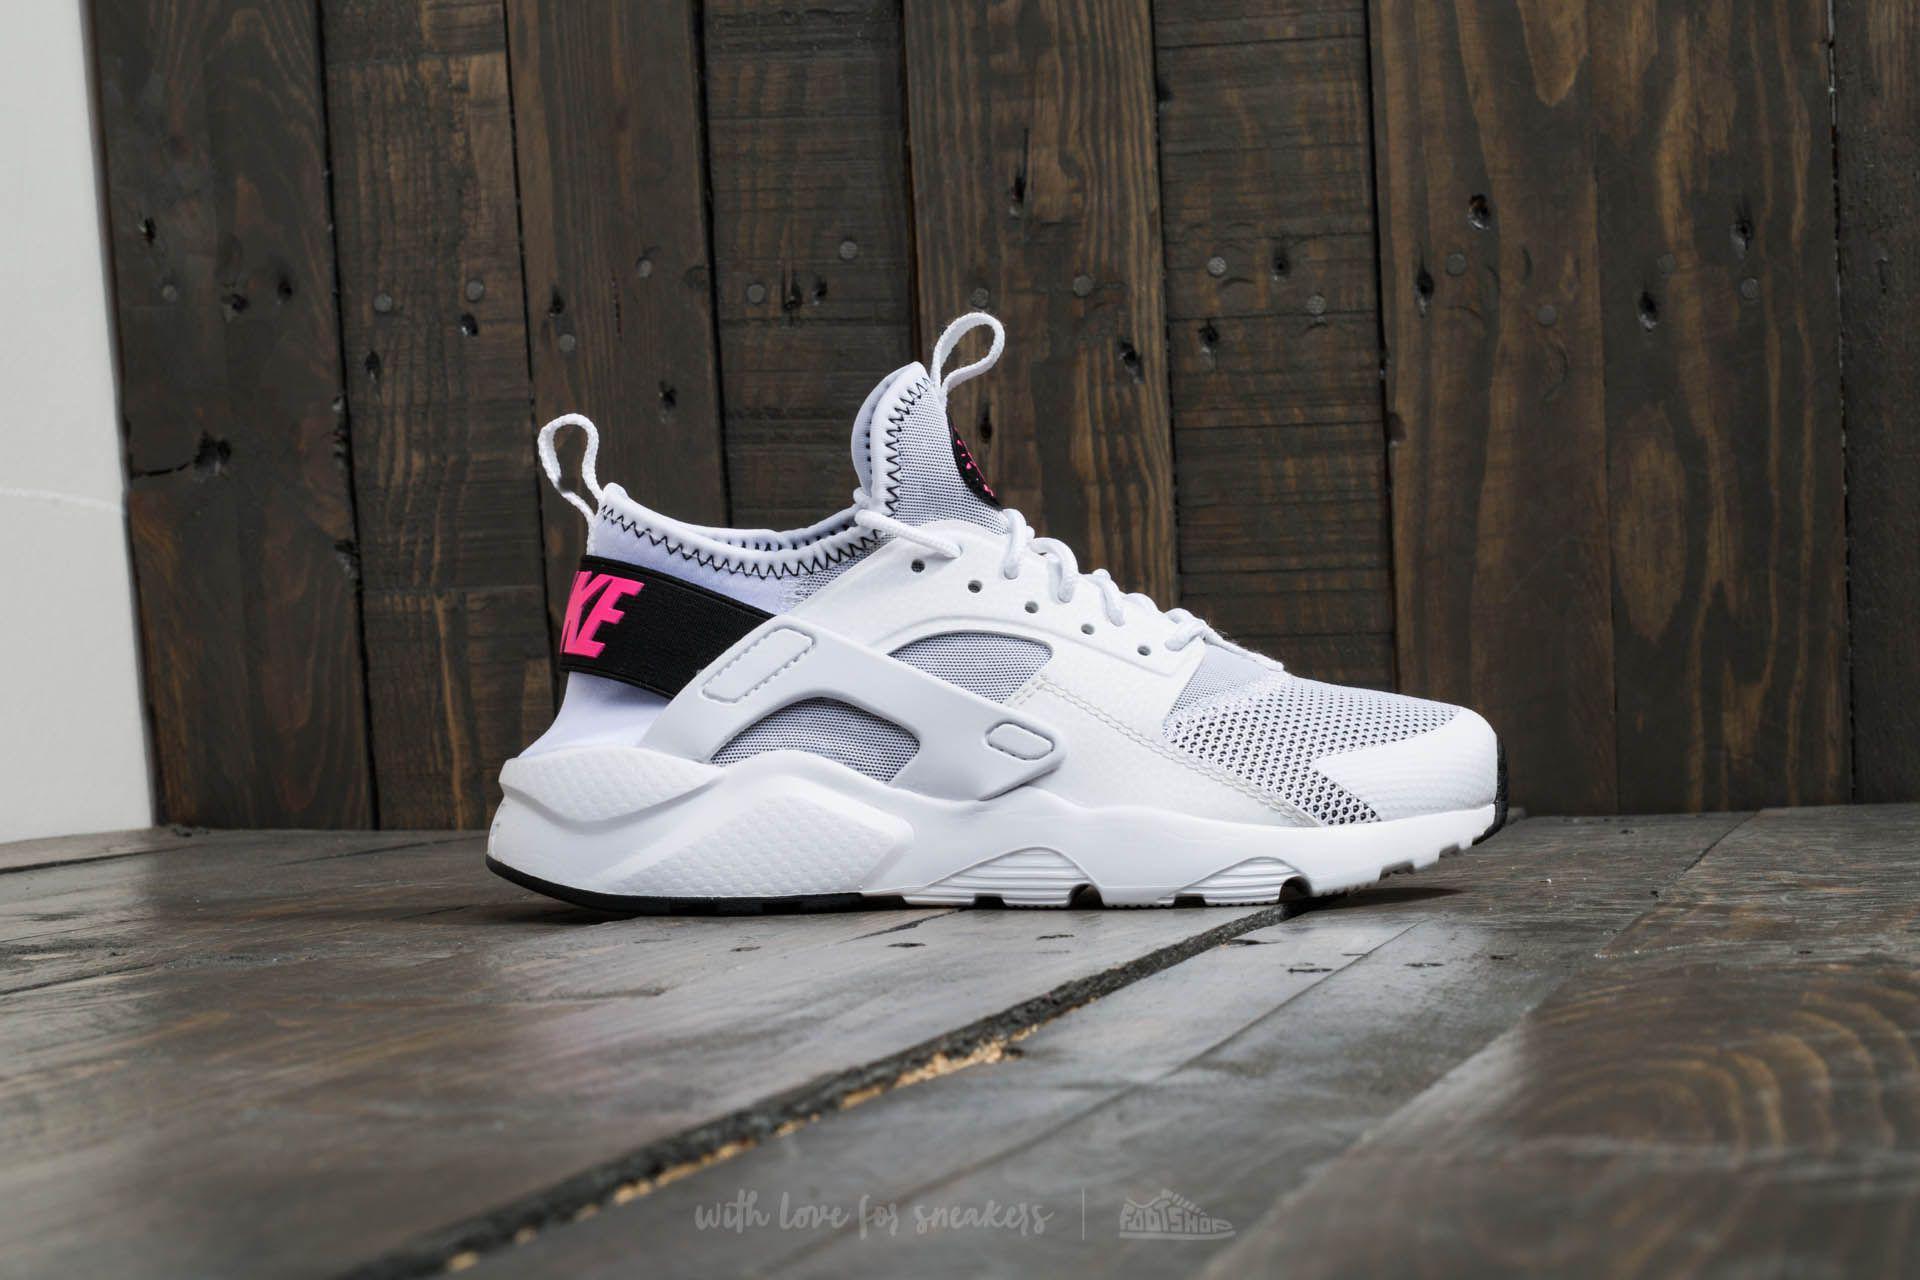 aae36ddf71fd Lyst - Nike Air Huarache Run Ultra Gs White  Black pink Blast